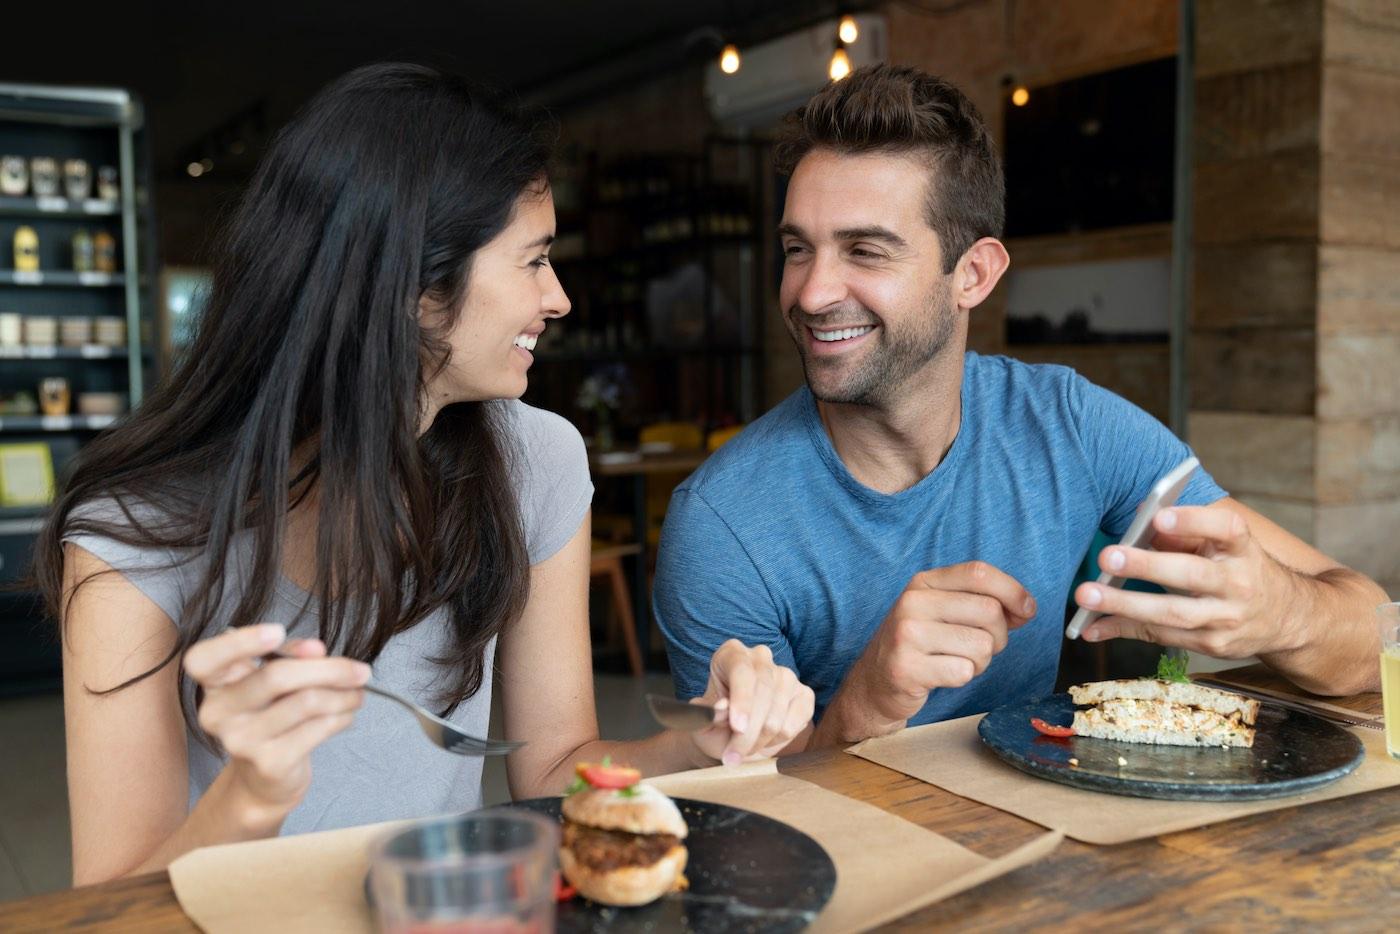 Cuando interactúas a través de aplicaciones de citas, puedes atraer a personas que comparten gustos similares a los tuyos...